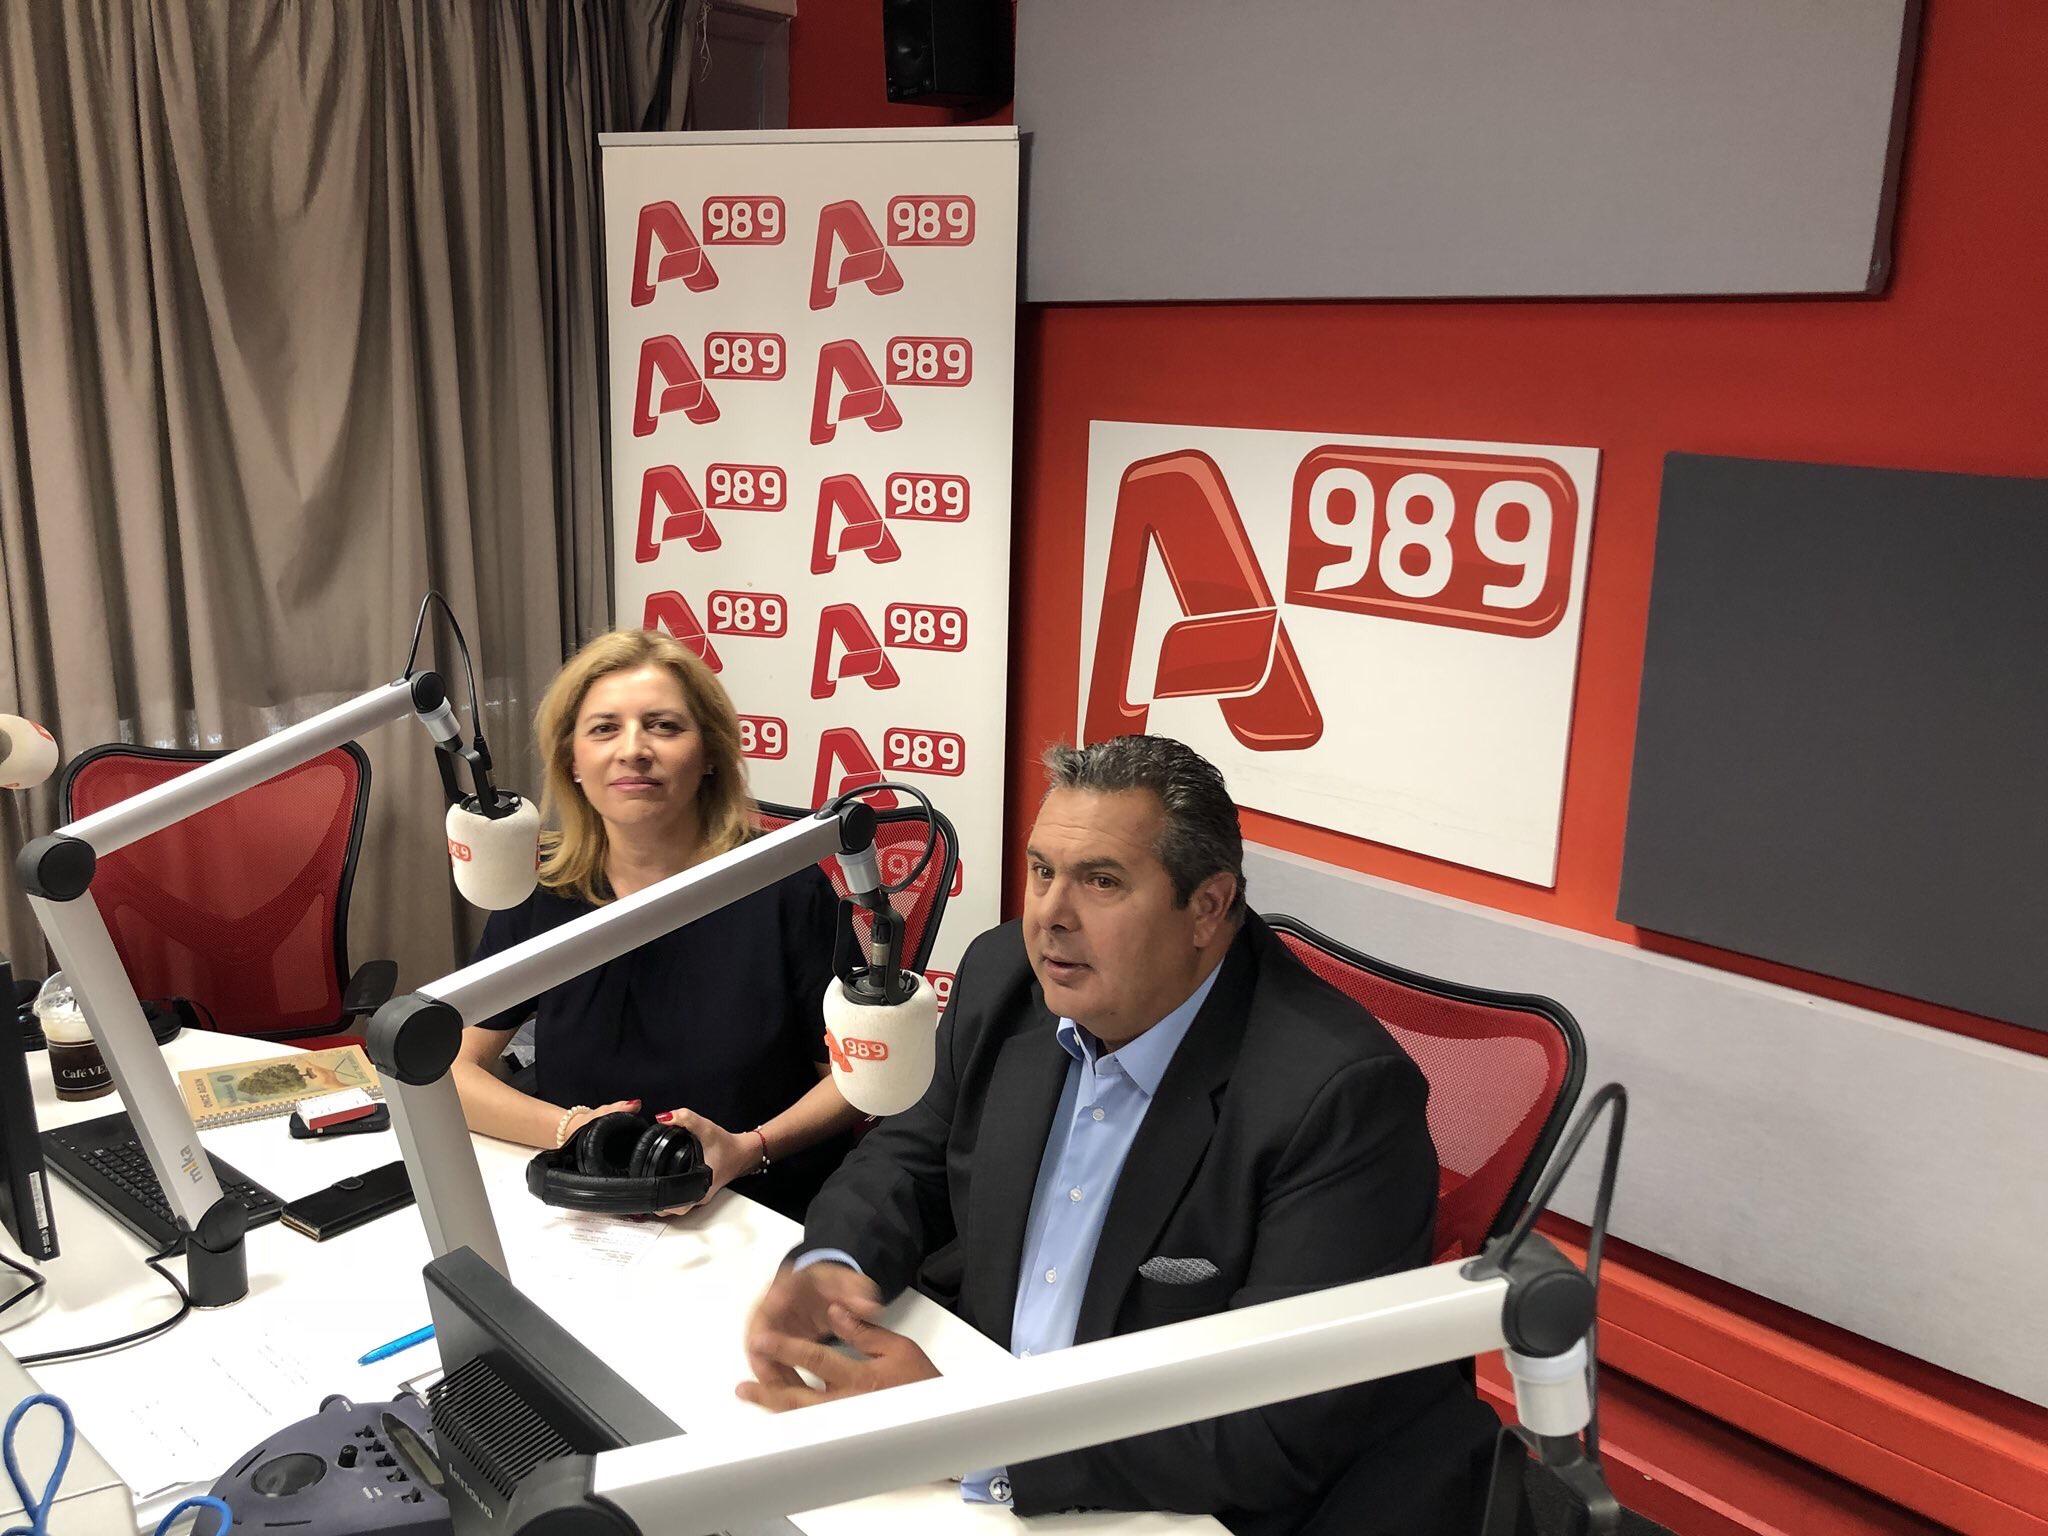 Πάνος Καμμένος : «Δεν δεχόμαστε τον όρο Μακεδονία-Ο Ζαεφ αυτοκτόνησε μη δεχόμενος την αλλαγή Συντάγματος-Καμία πρόταση στην Ελληνική Βουλή αν δεν αλλάξουν Σύνταγμα»